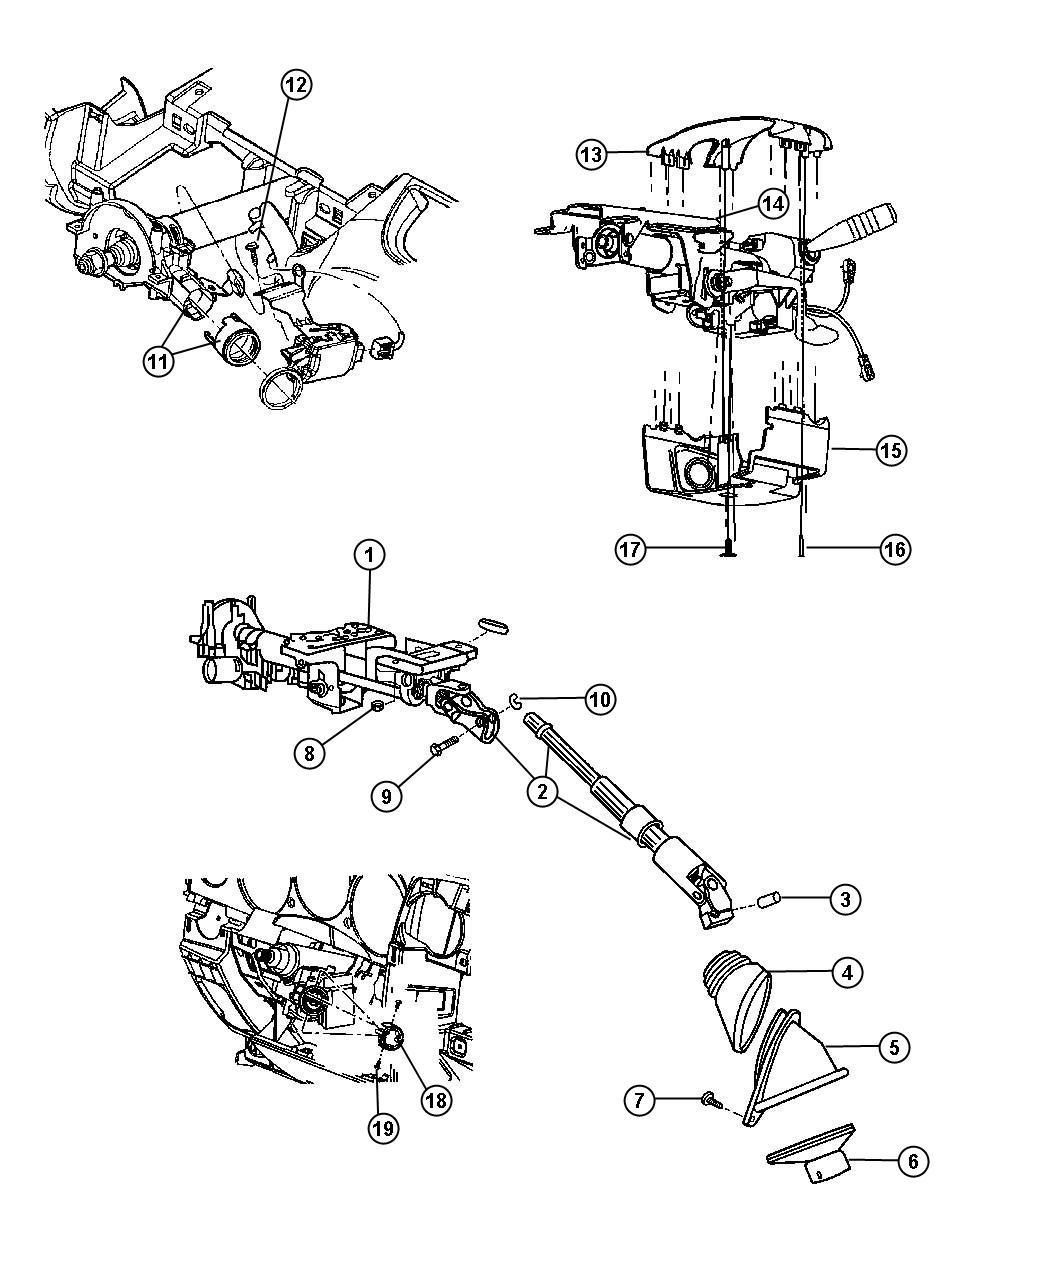 Chrysler Pt Cruiser Shroud. Steering column. Lower. [ka